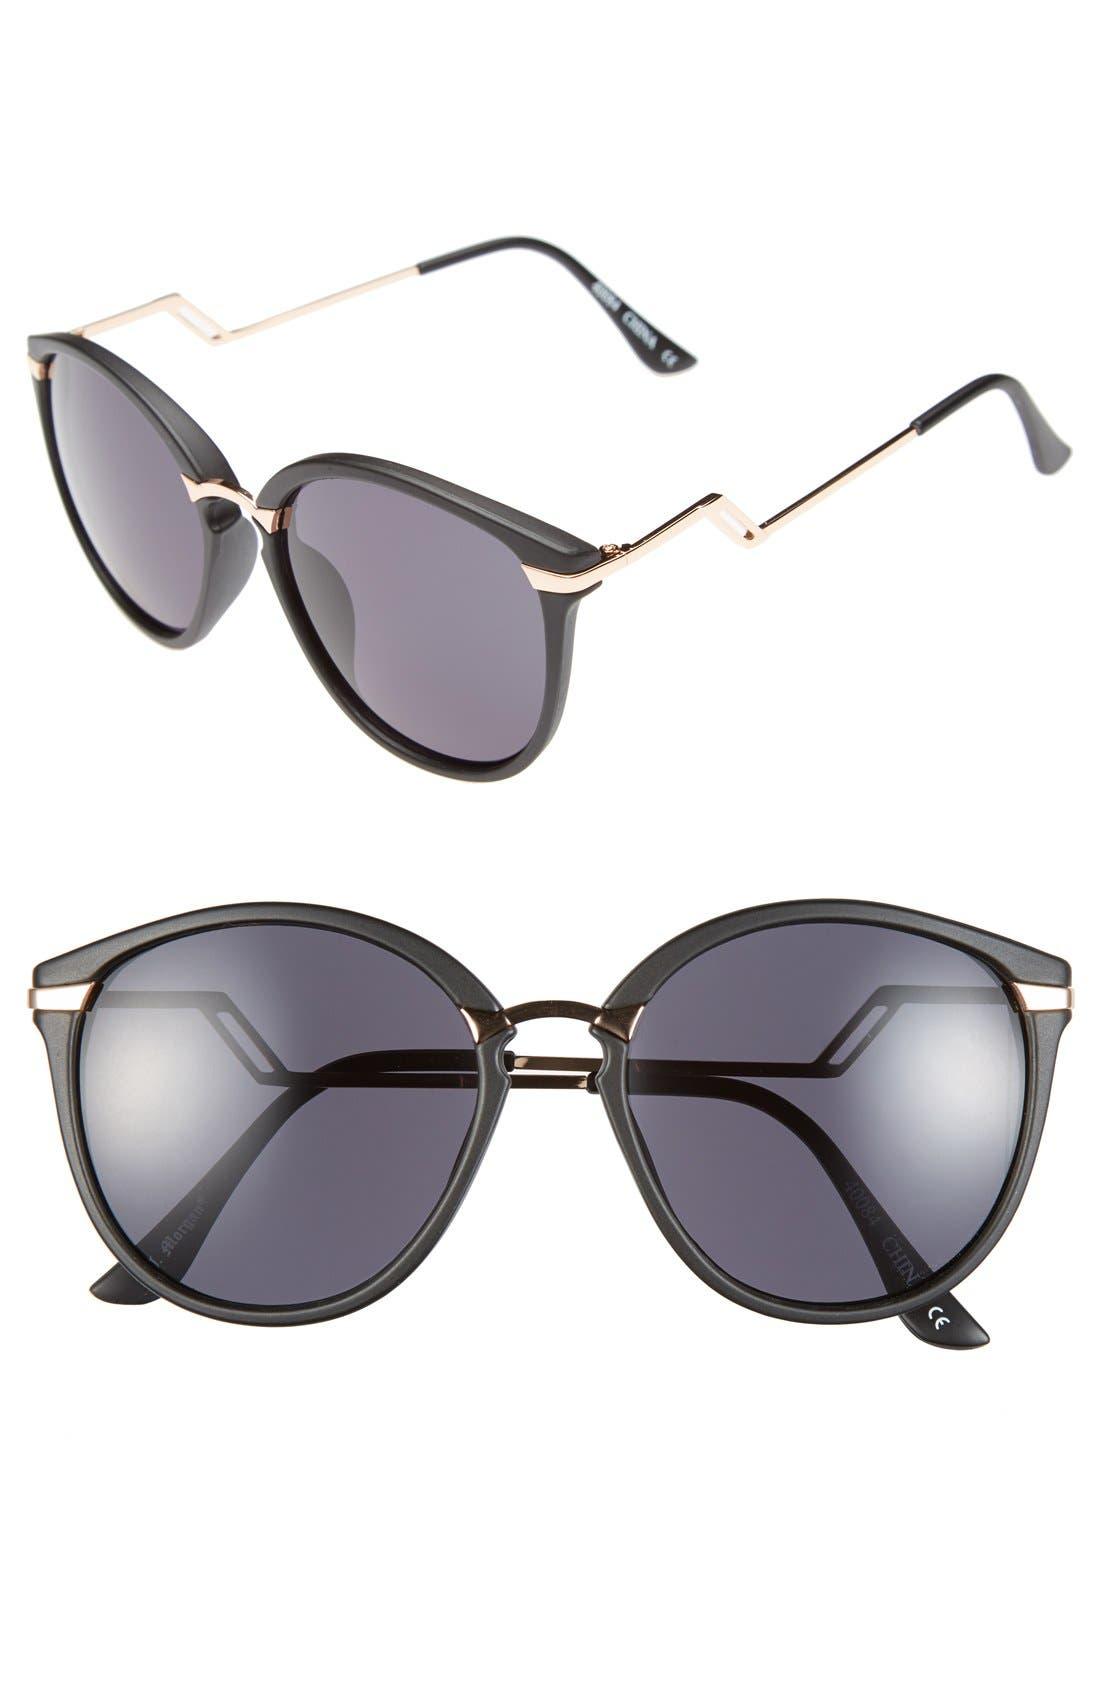 A.J. MORGAN 'Sinclair' 54mm Sunglasses, Main, color, 001